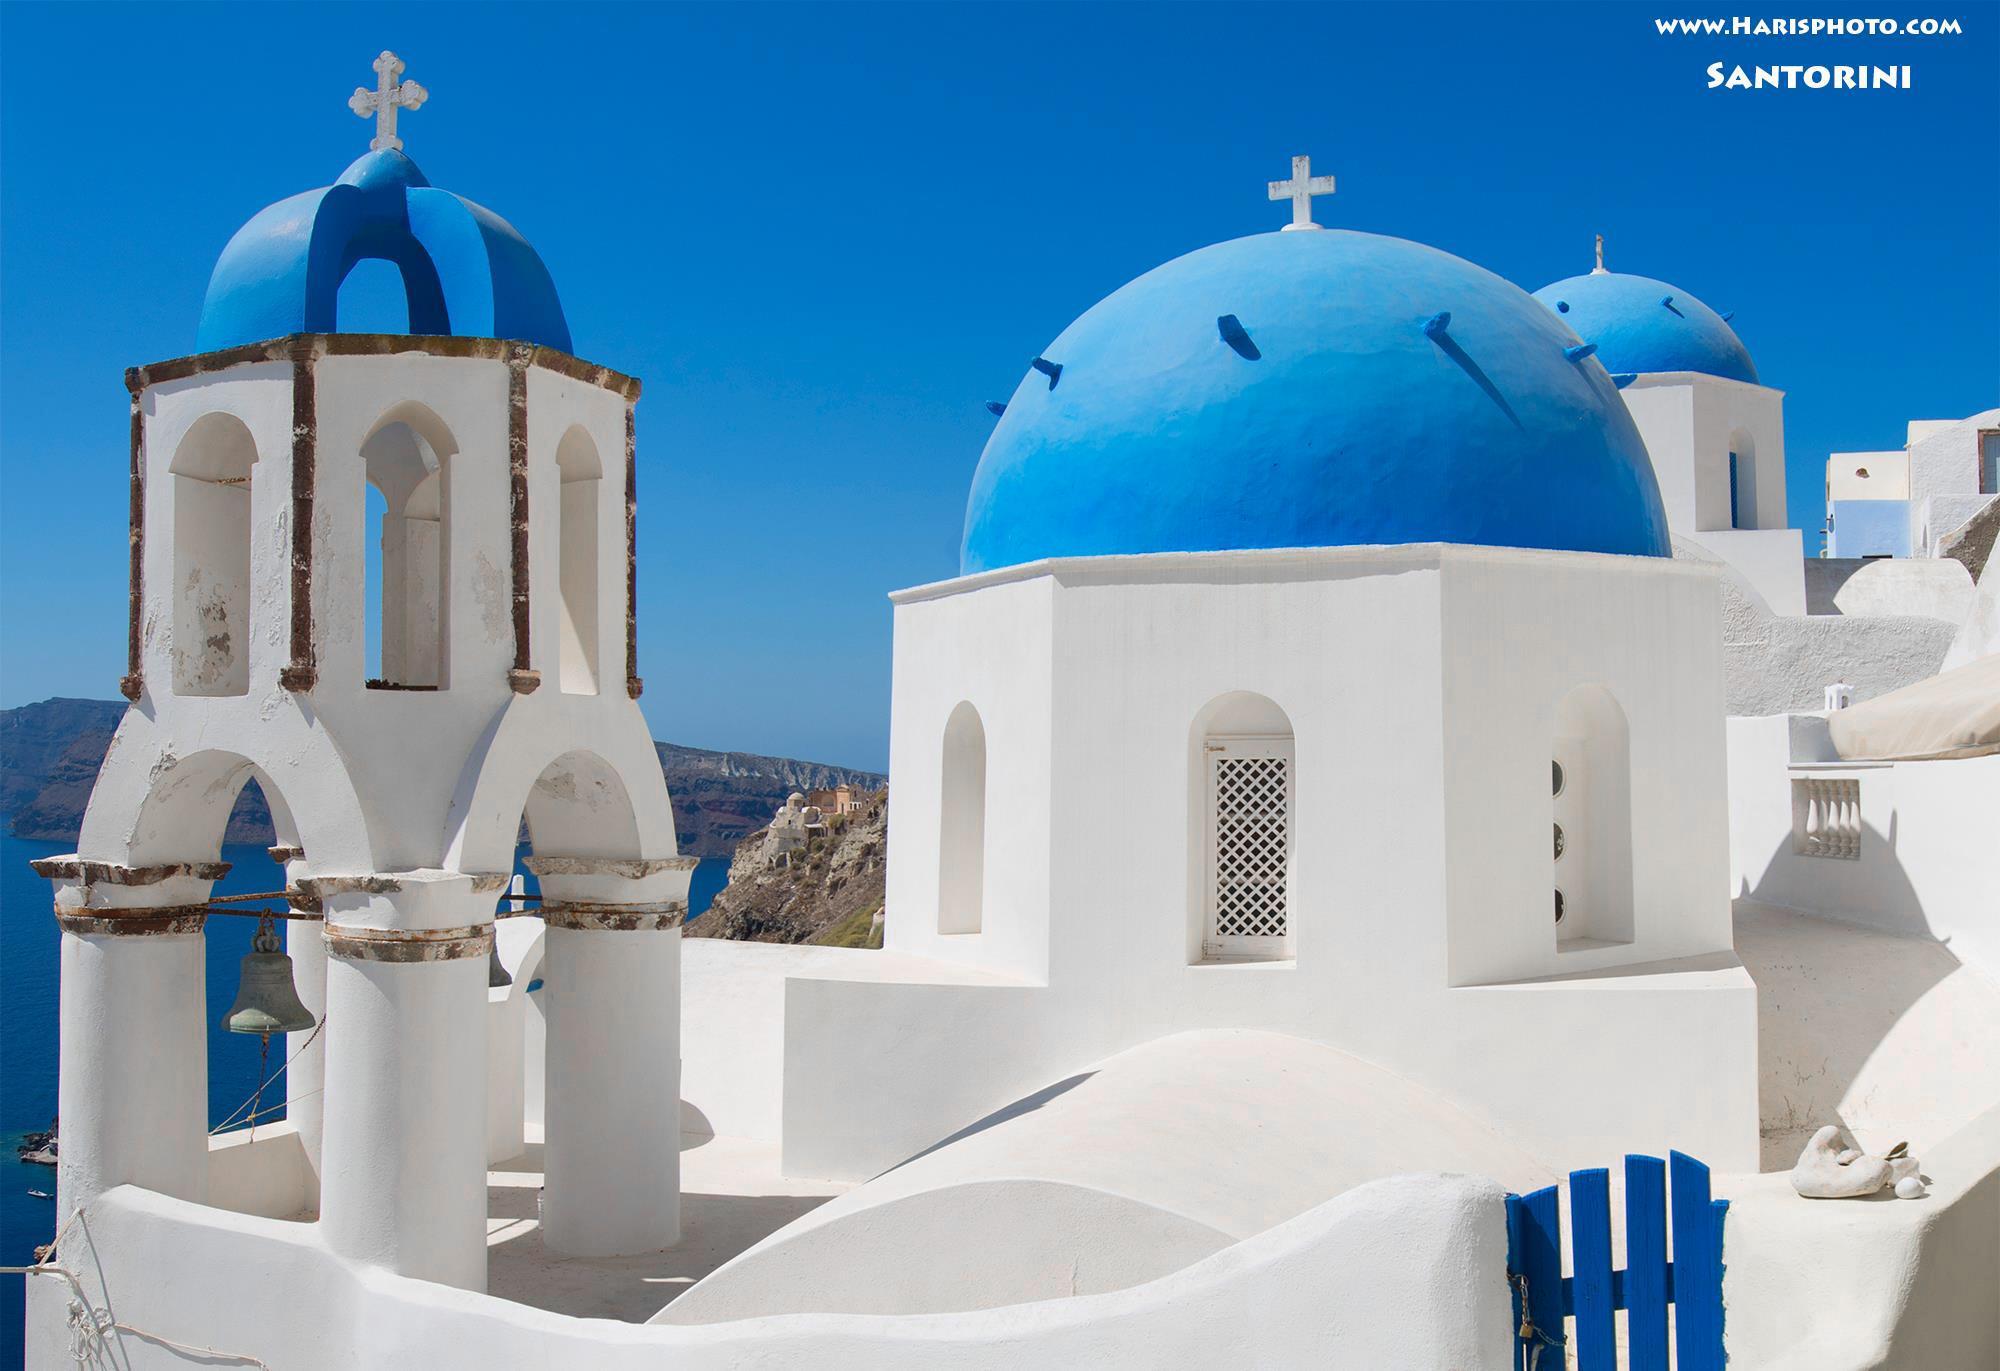 частности, санторини греция фото отзывы туристов нашей